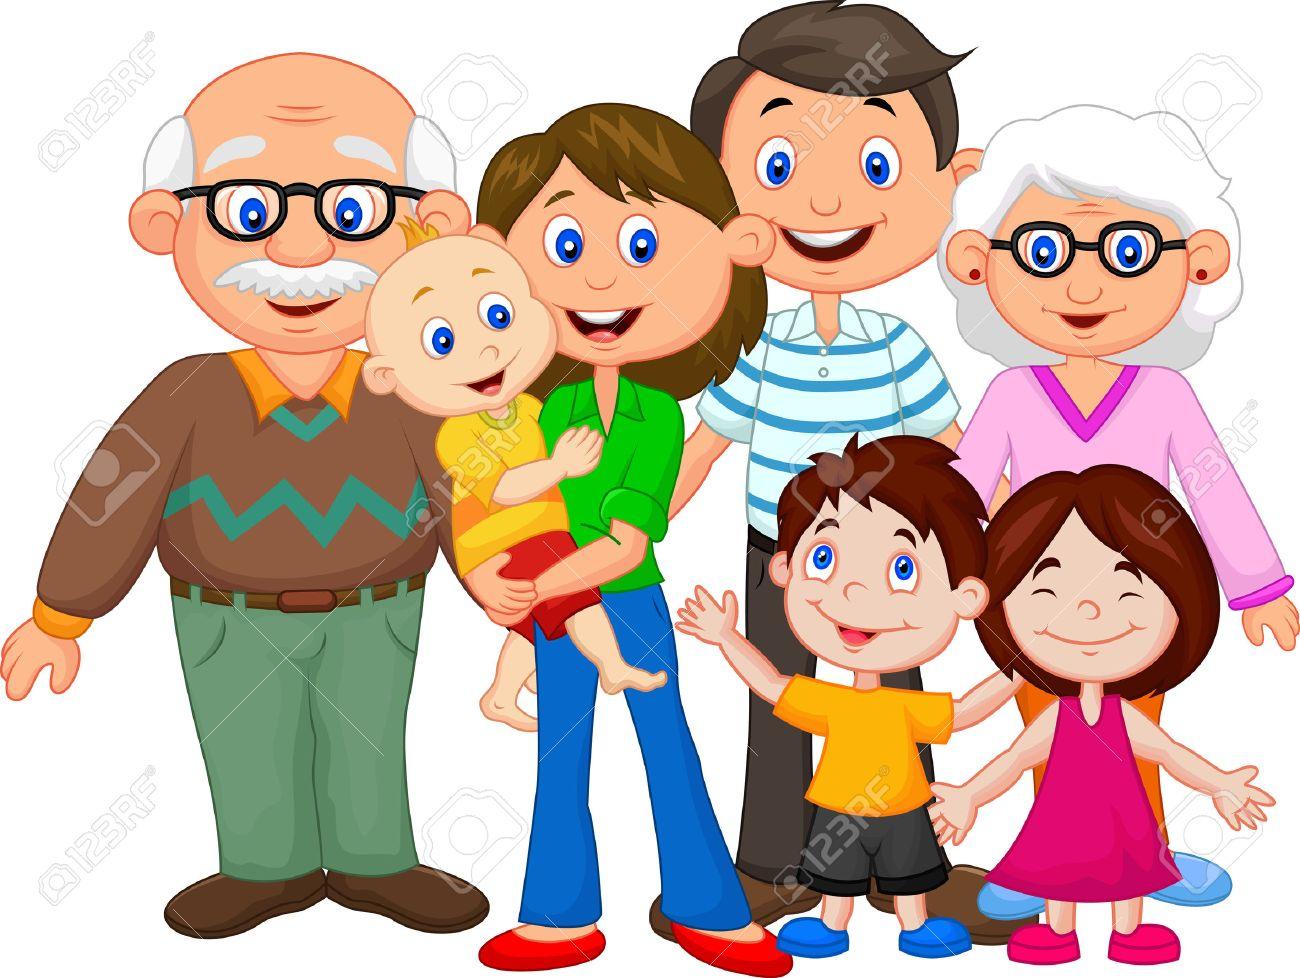 Happy cartoon family - 30337980